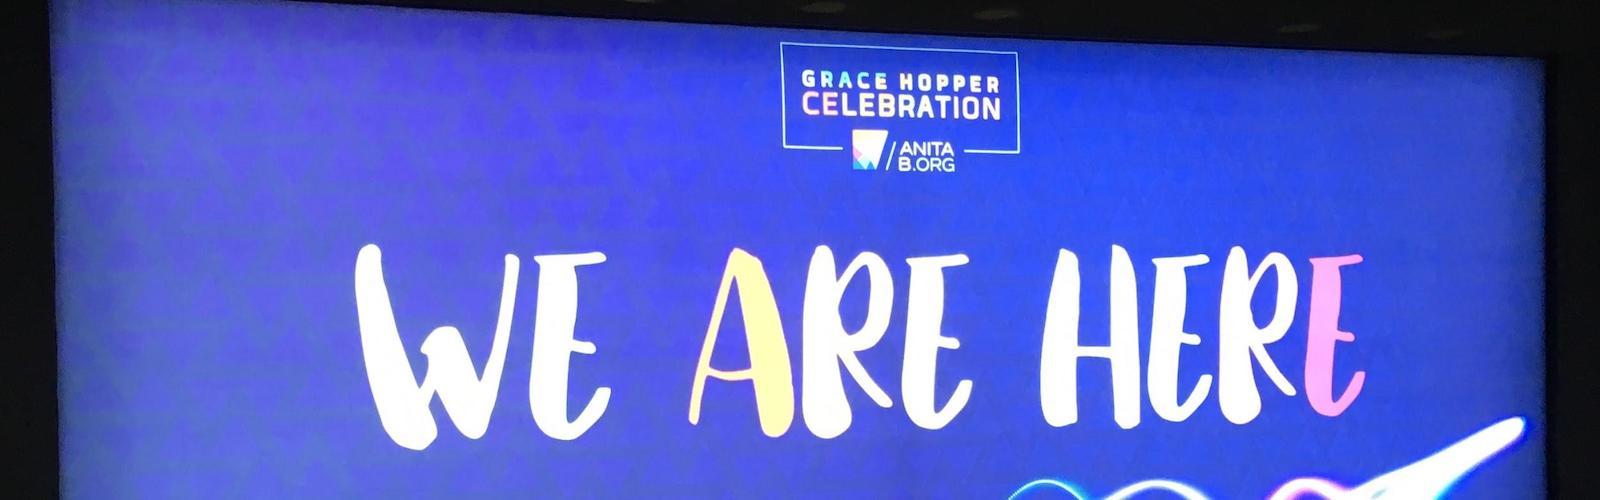 Thoughts on Grace Hopper Celebration 2018